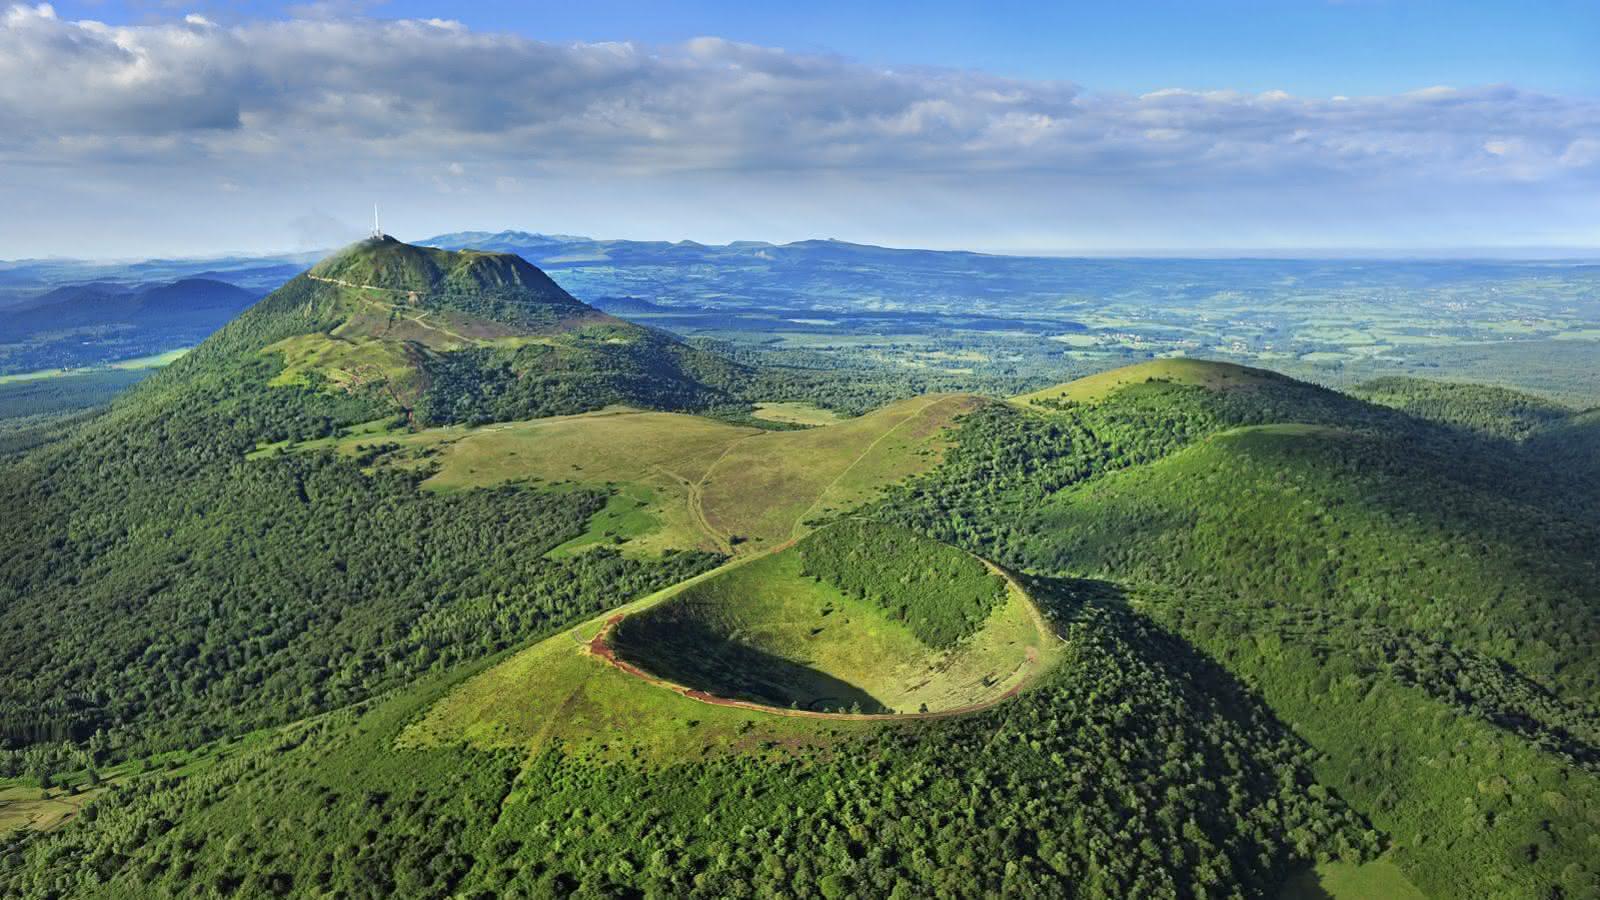 Puy de Pariou et puy de Dome, Chaine des puys, vue aerienne, 63, Auvergne, france